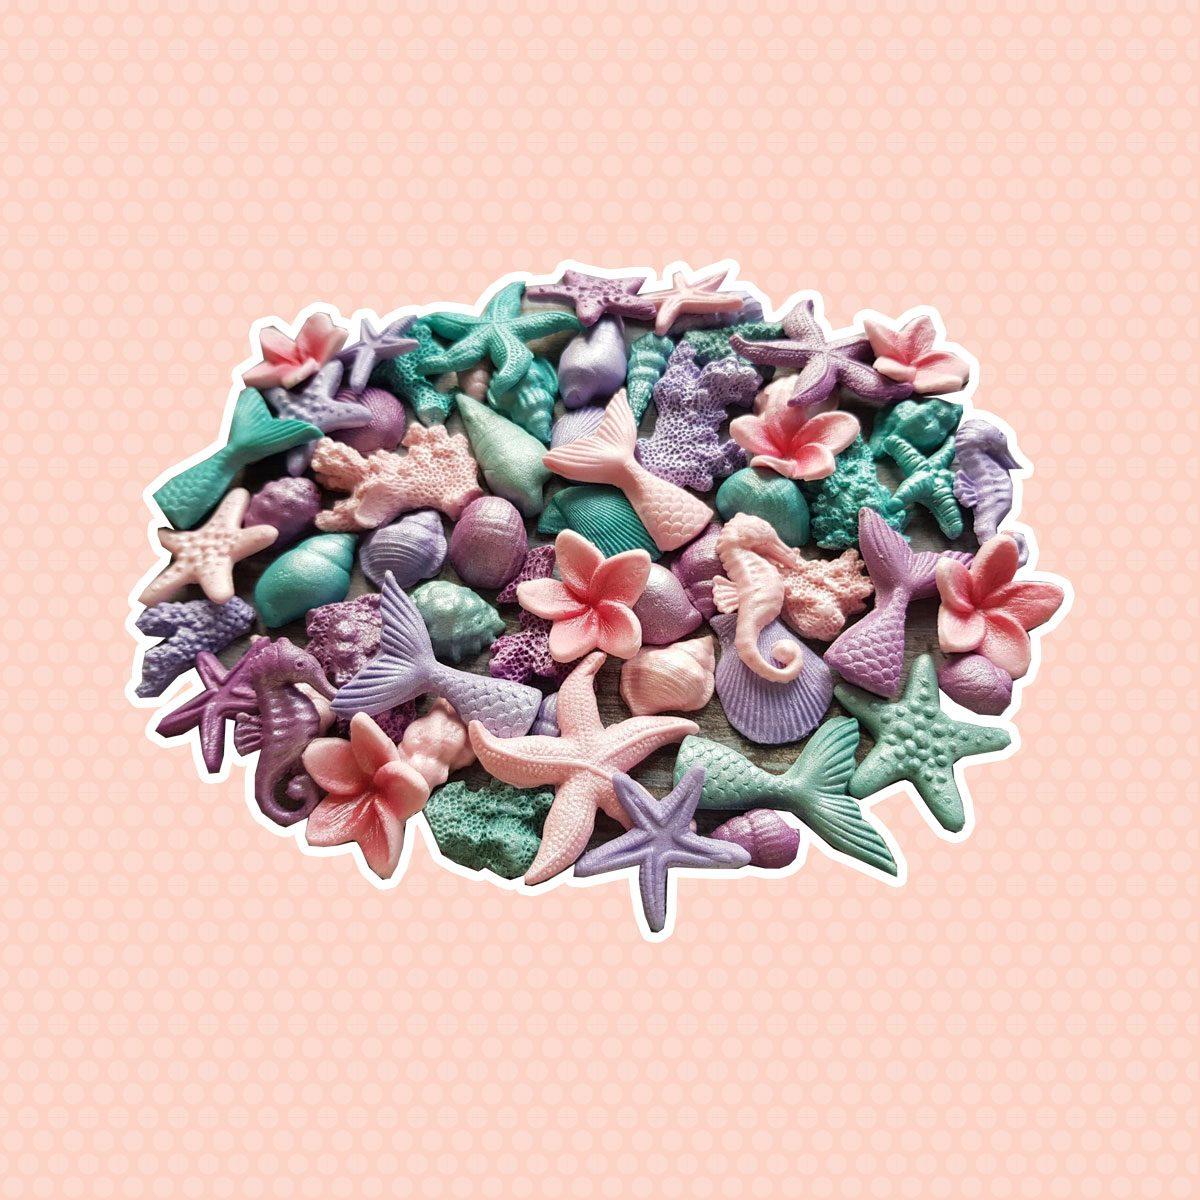 Sugar Shells